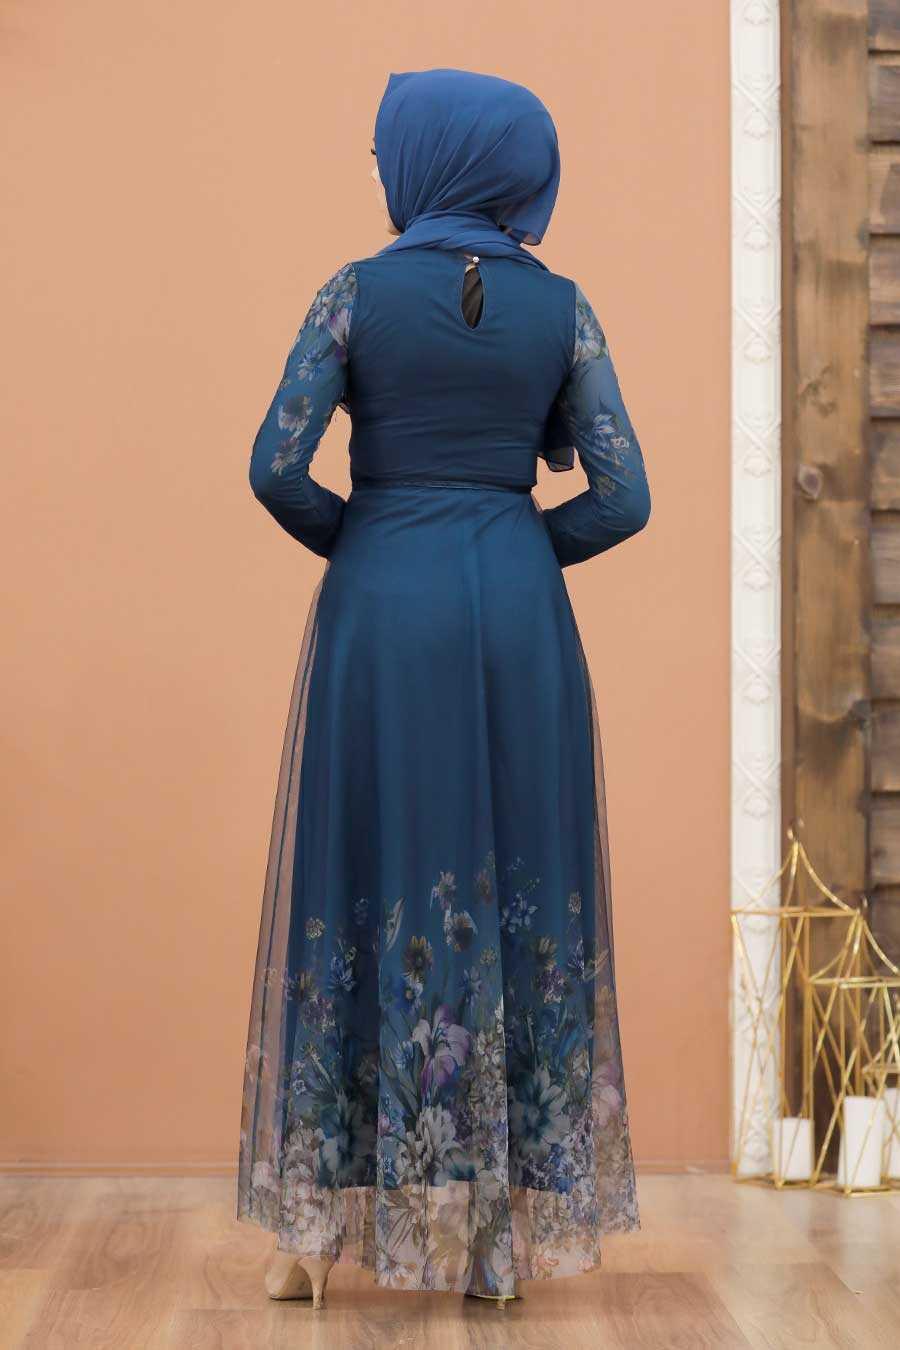 Petrol Blue Hijab Evening Dress 50171PM